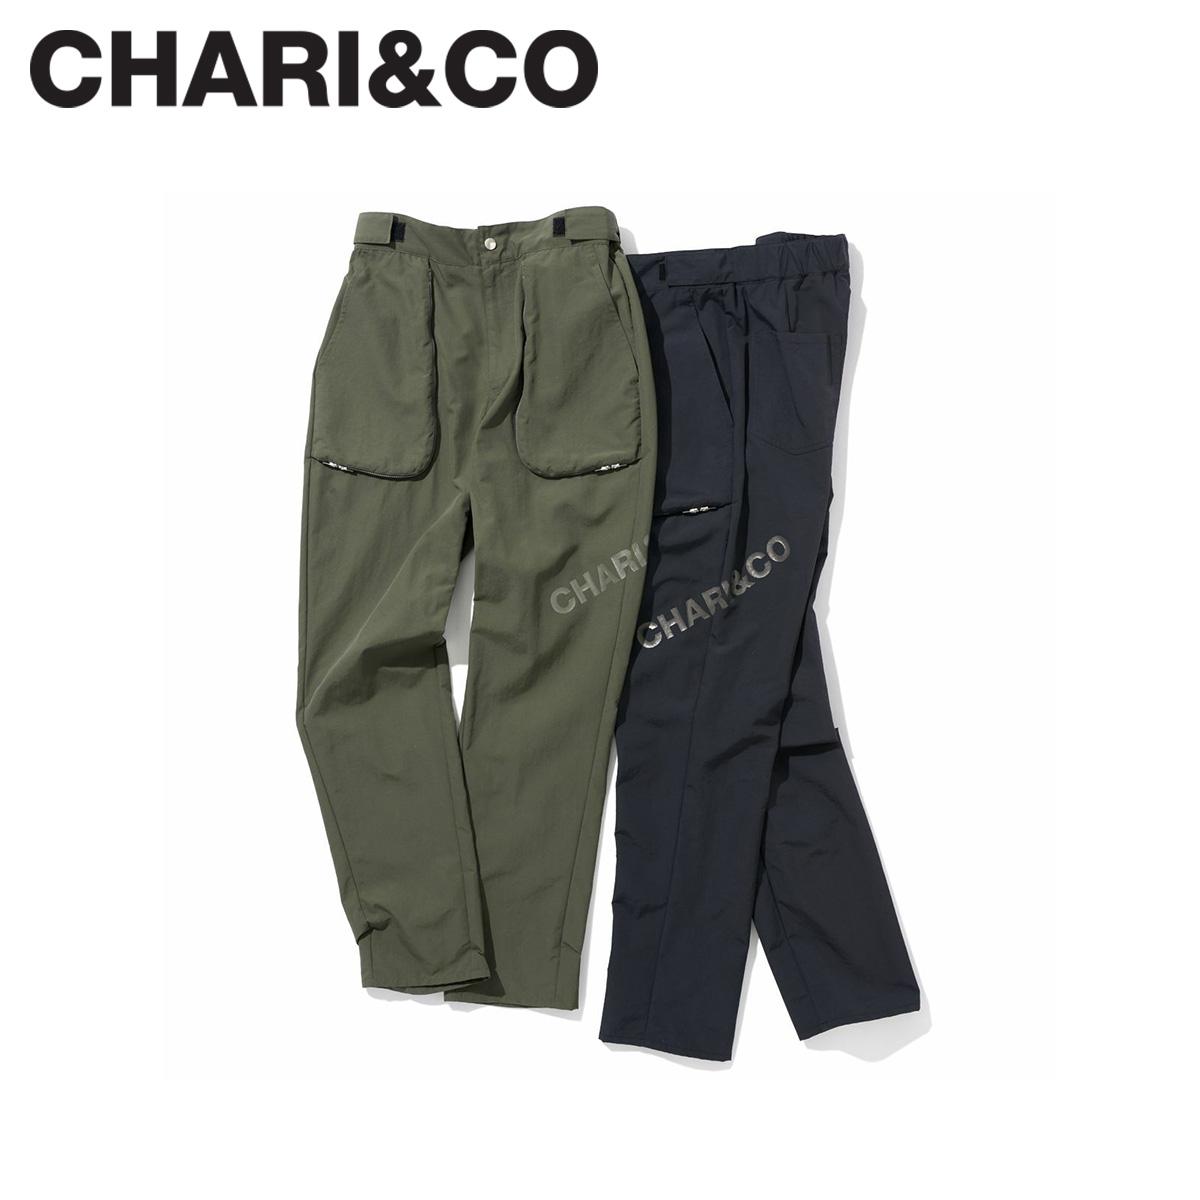 CHARI&CO チャリアンドコー パンツ テーパードパンツ メンズ NOMAD PANTS ブラック カーキ 黒